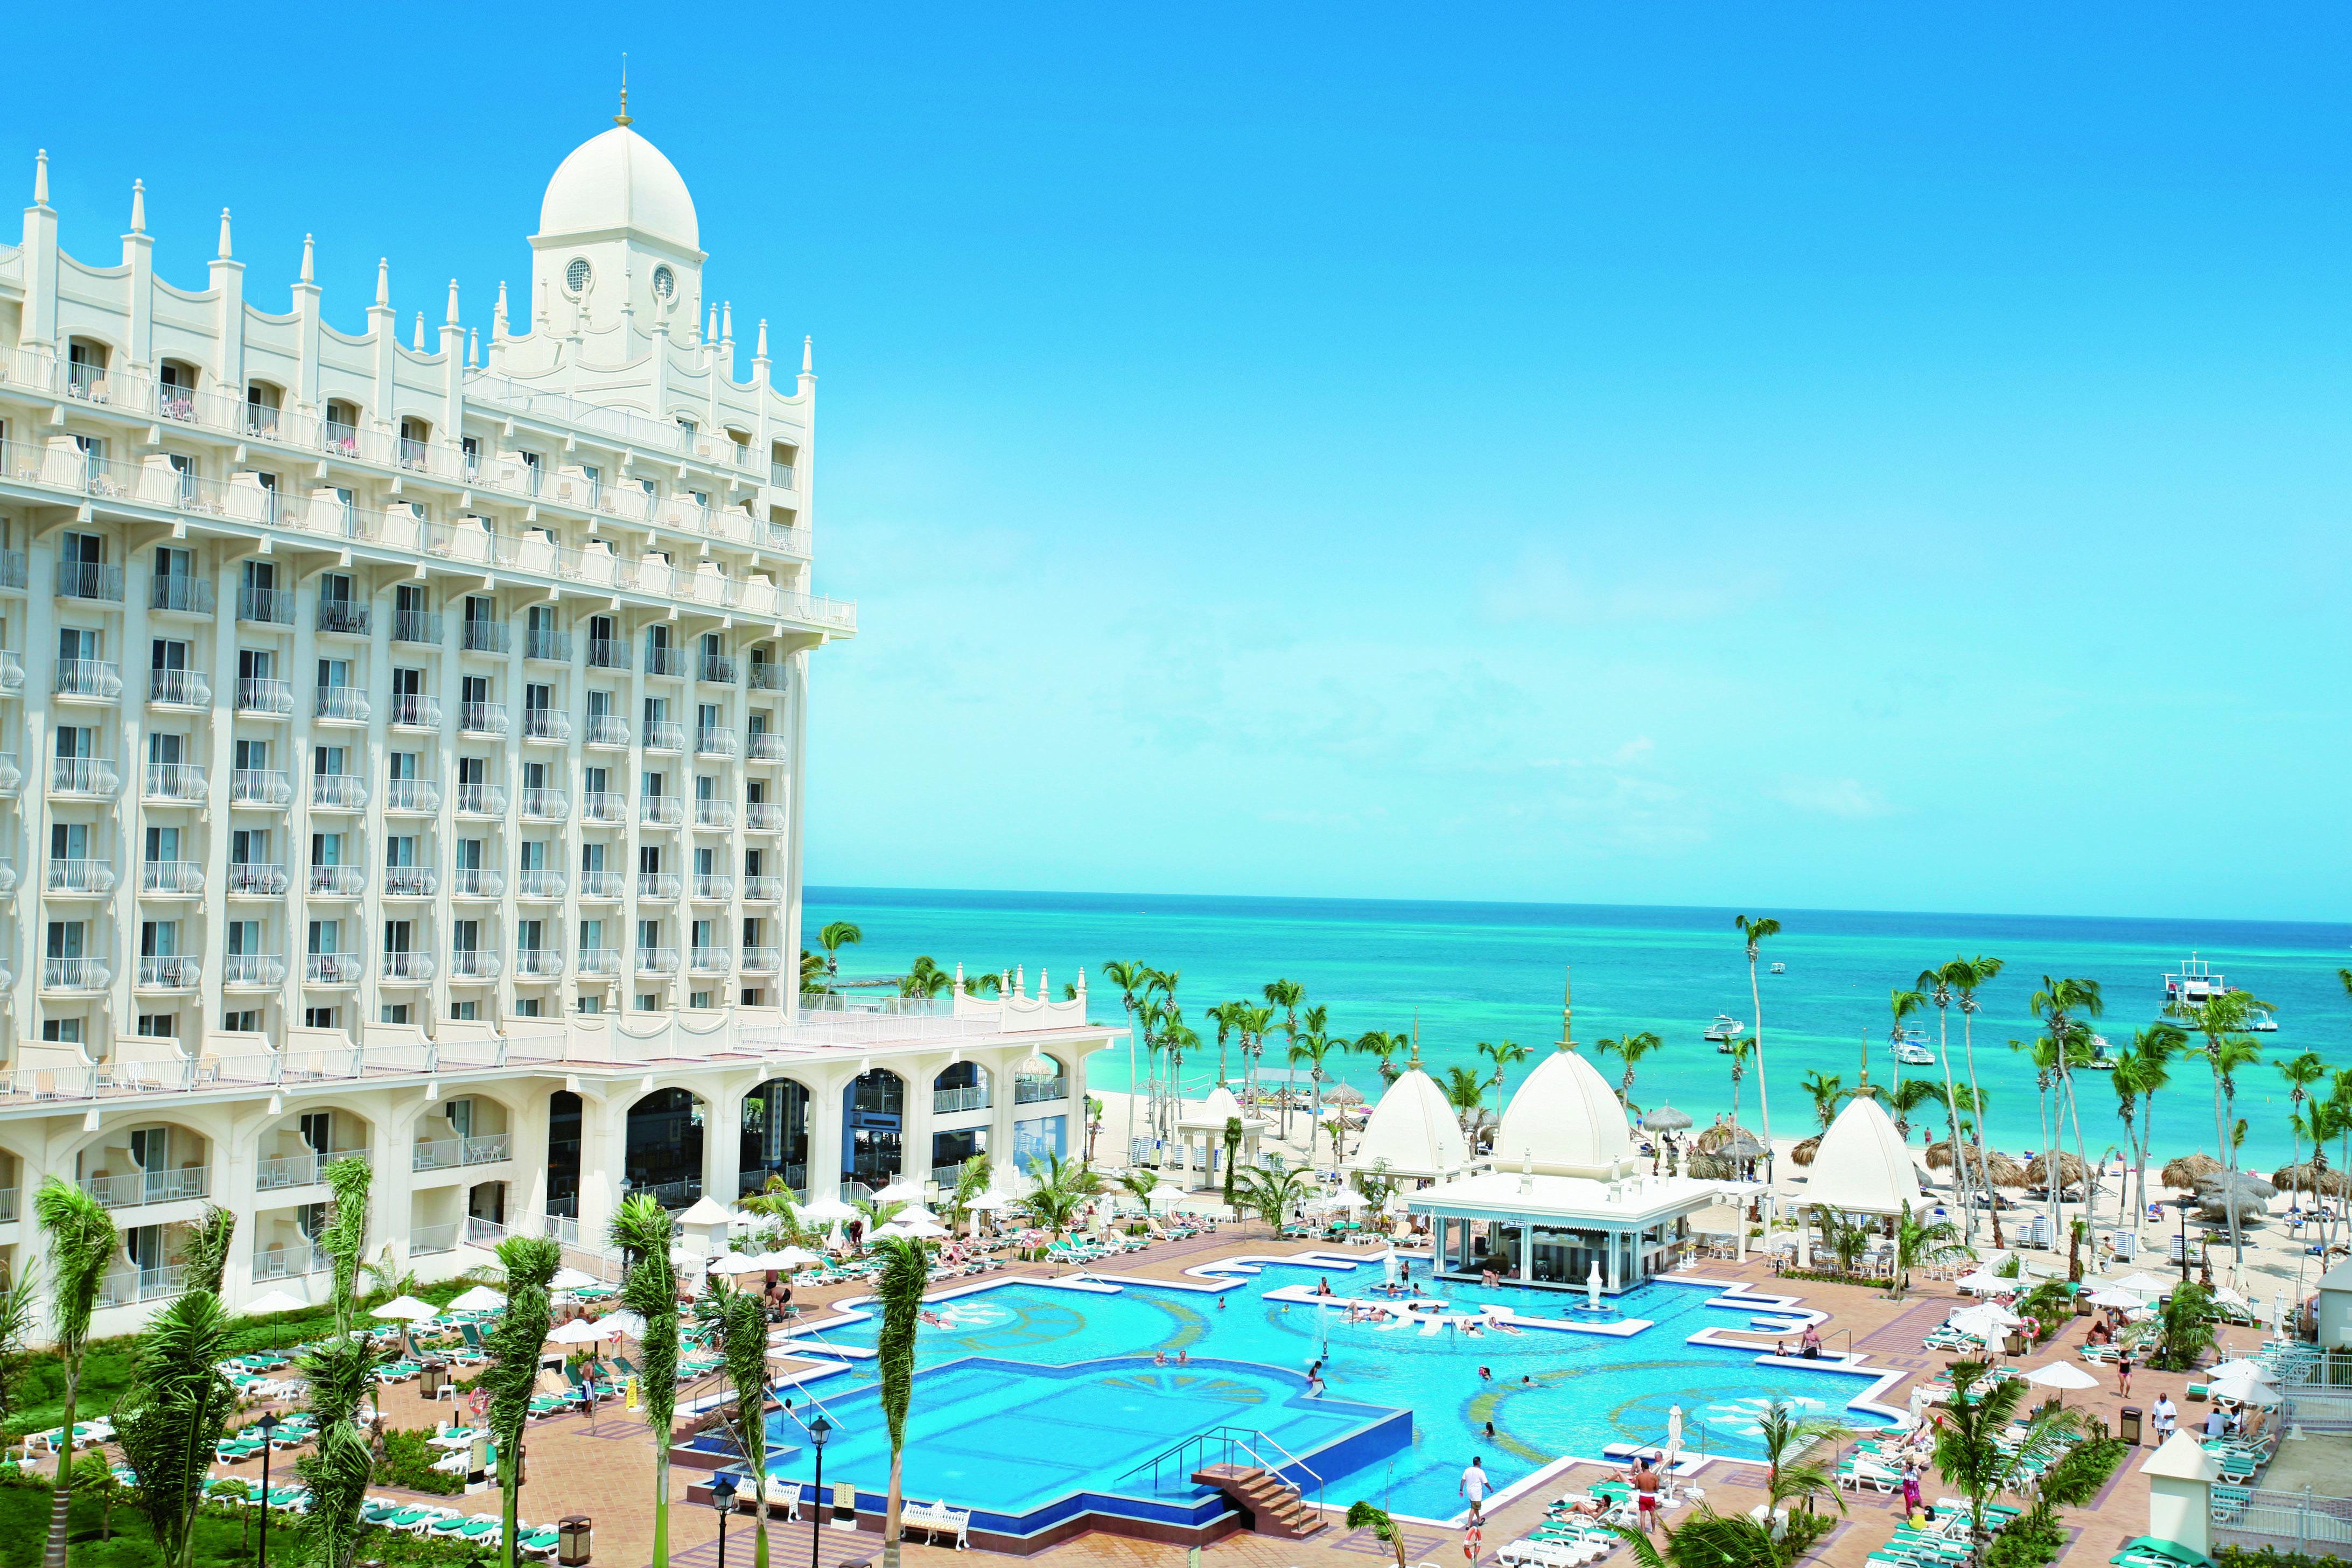 Aruba All Inclusive Hotels